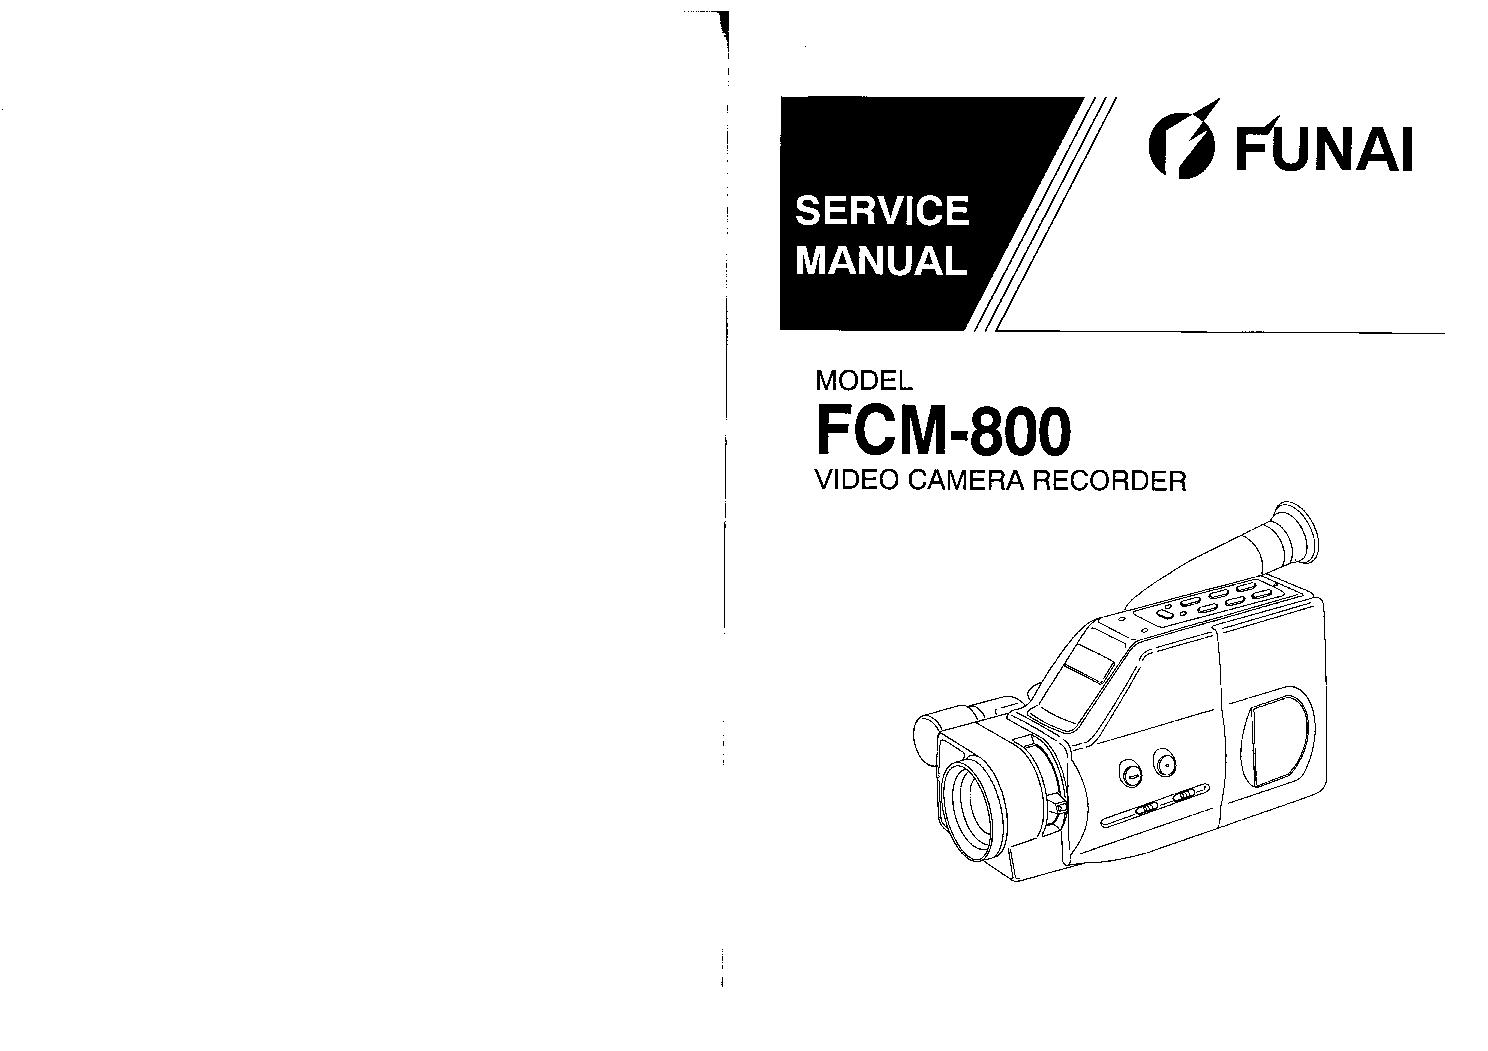 funai fcm 800 sm service manual download schematics eeprom repair rh elektrotanya com Vacuum Cleaner Manual